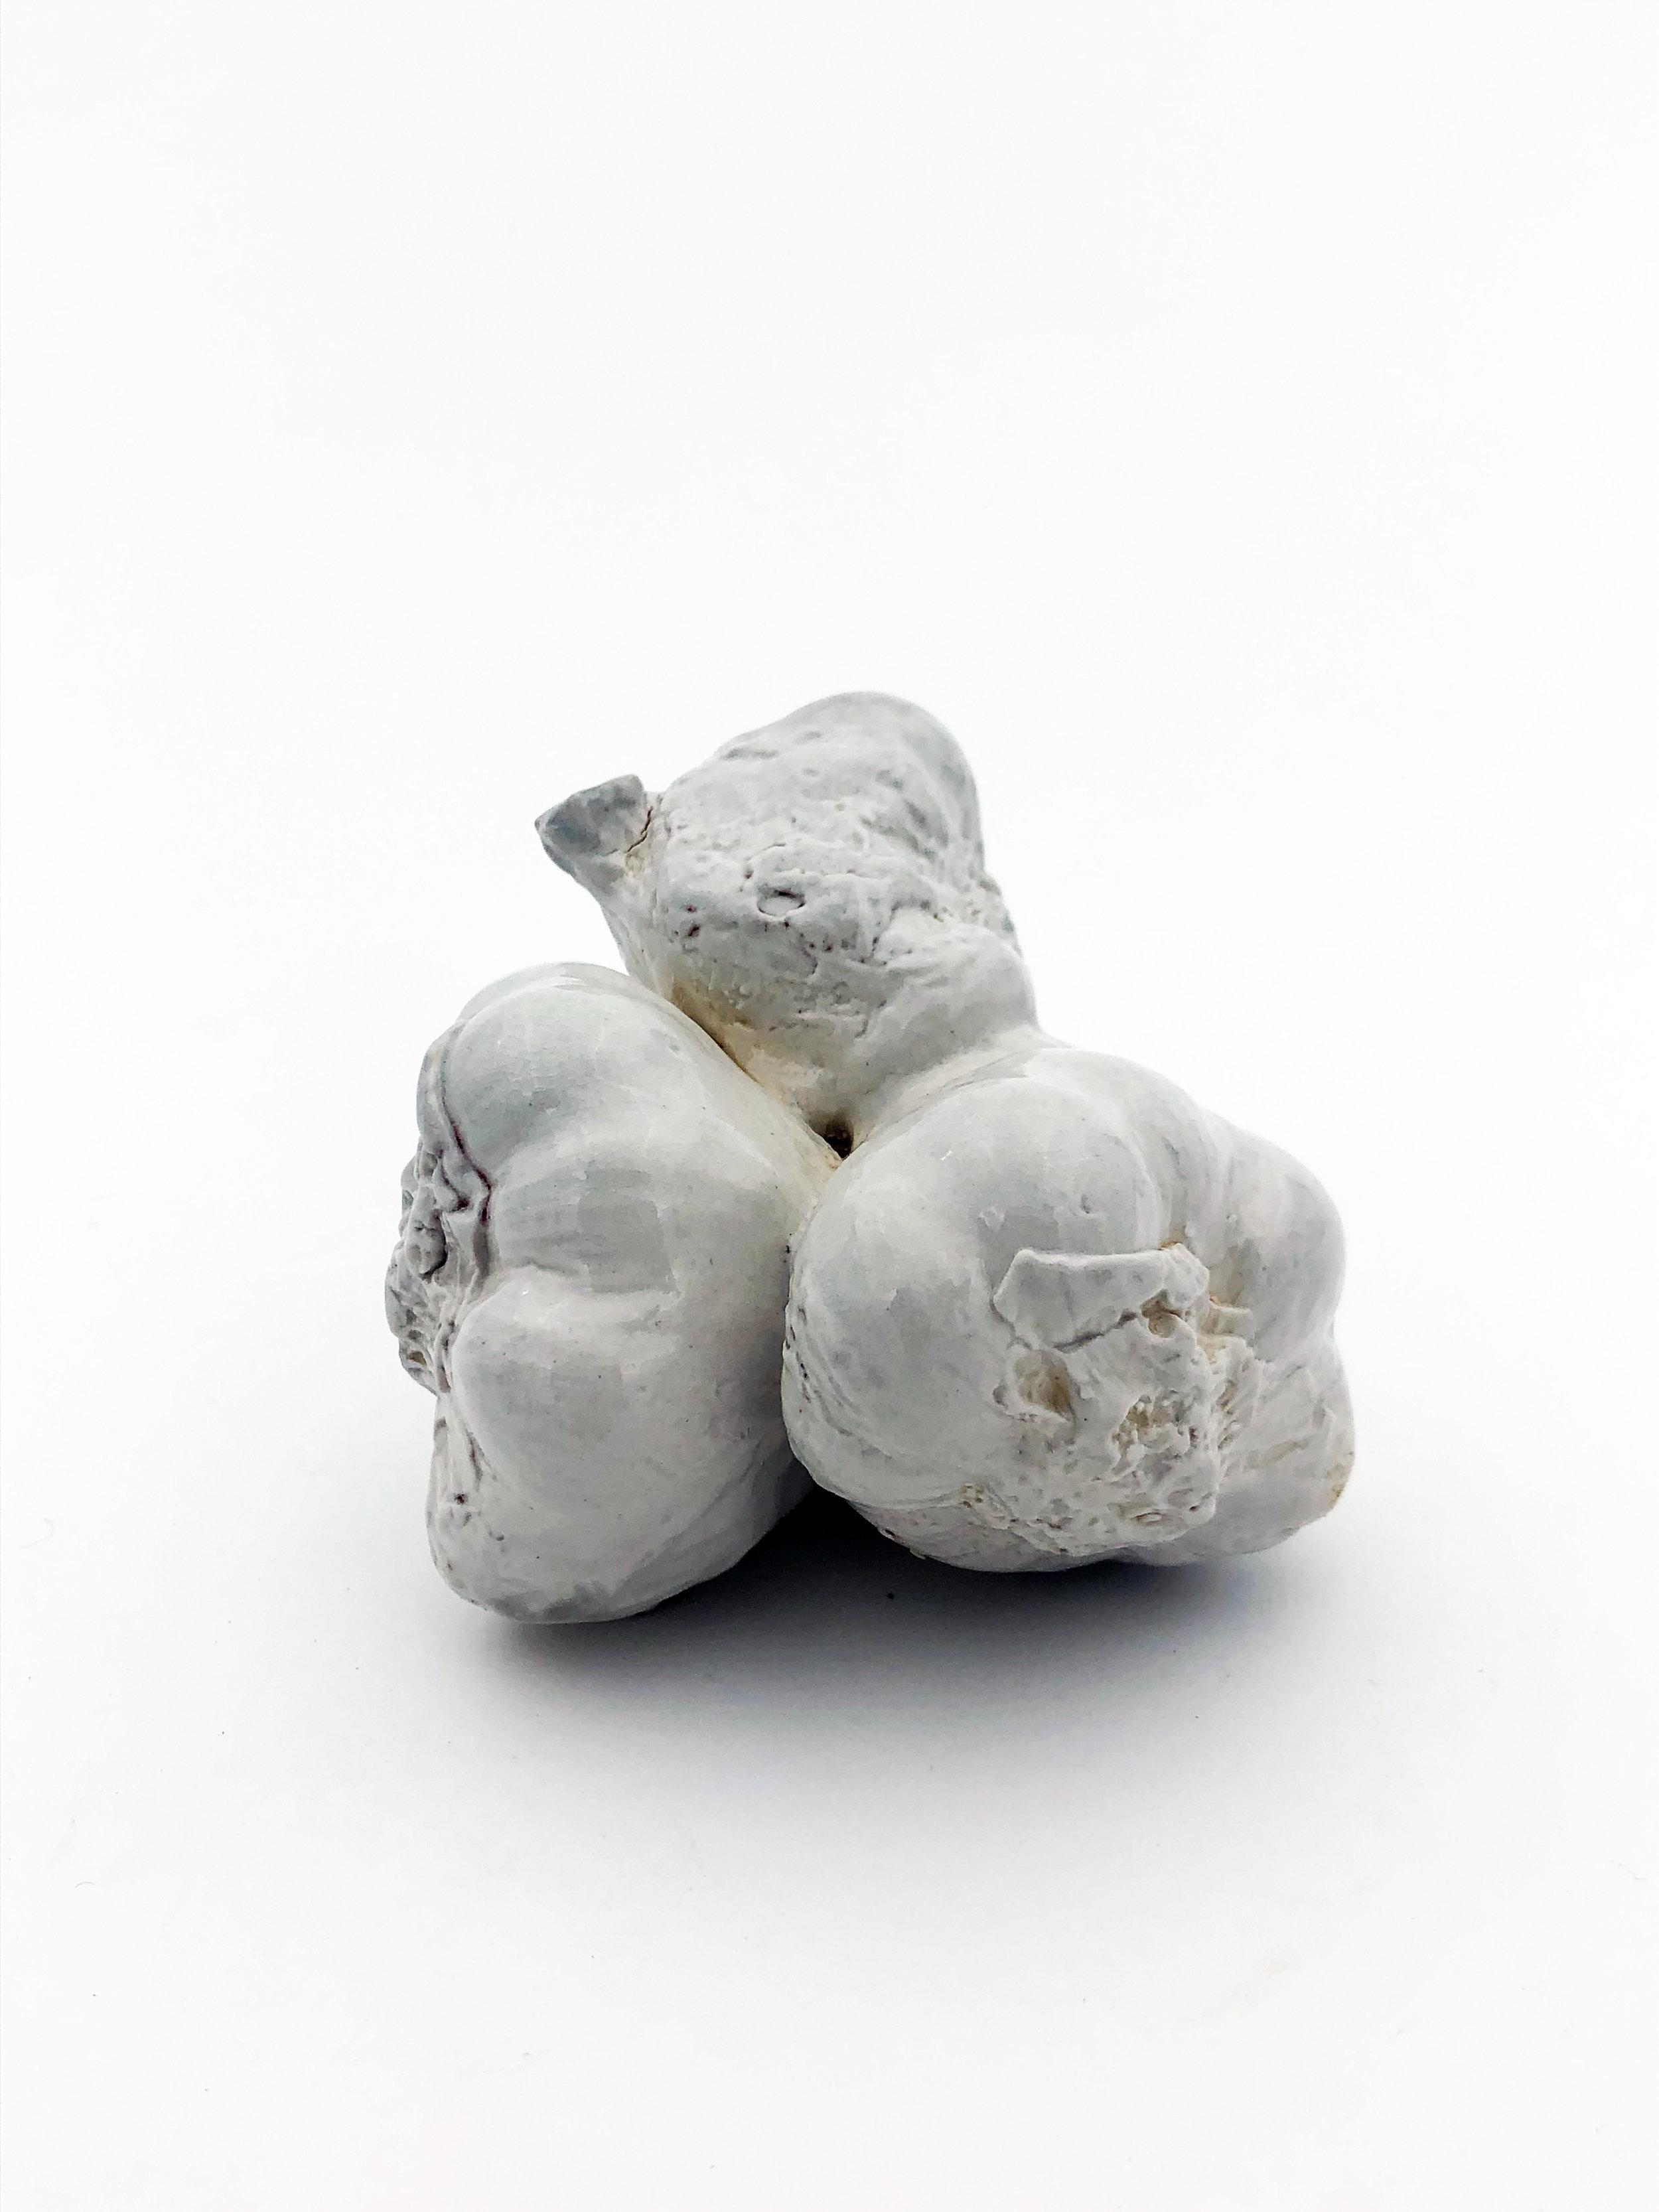 Soda Fired Slip Cast Porcelain Garlic